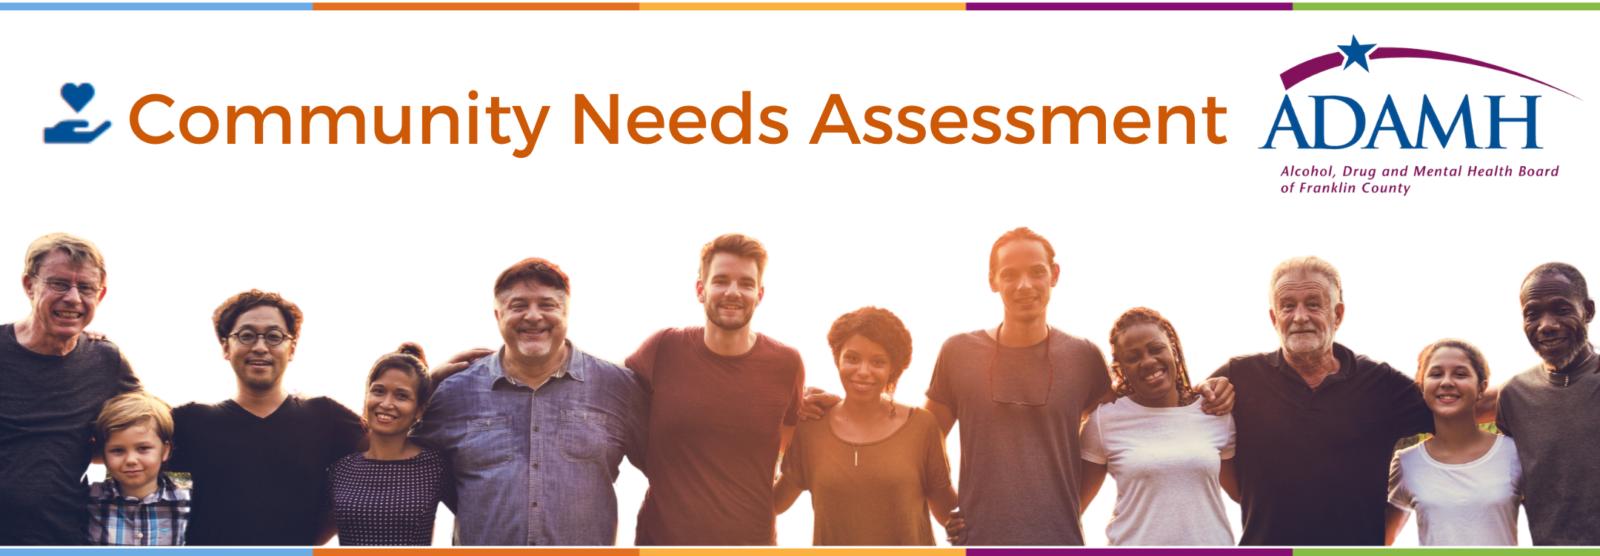 ADAMH Community Needs Assessment Banner